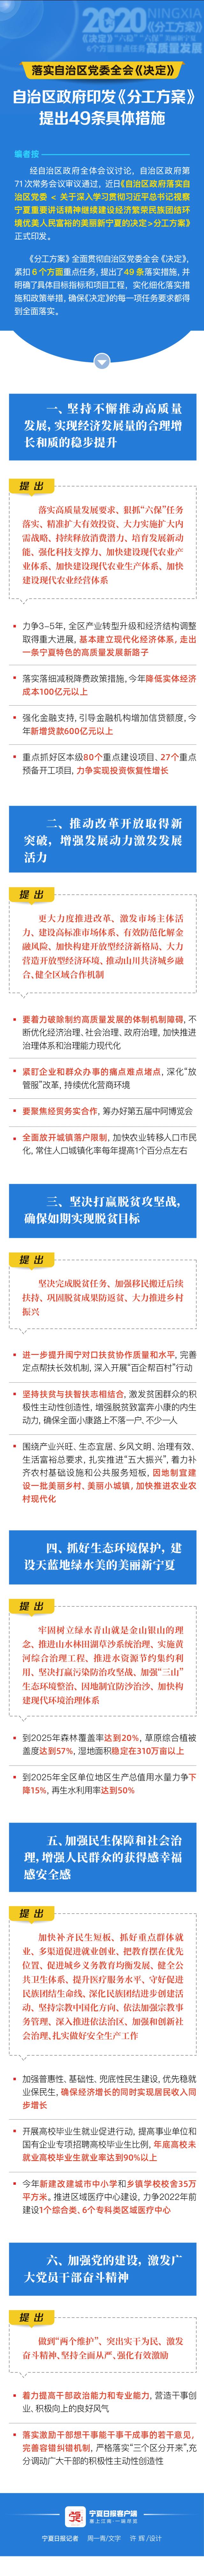 天富:政府印发分工方案天富提出49条具体图片